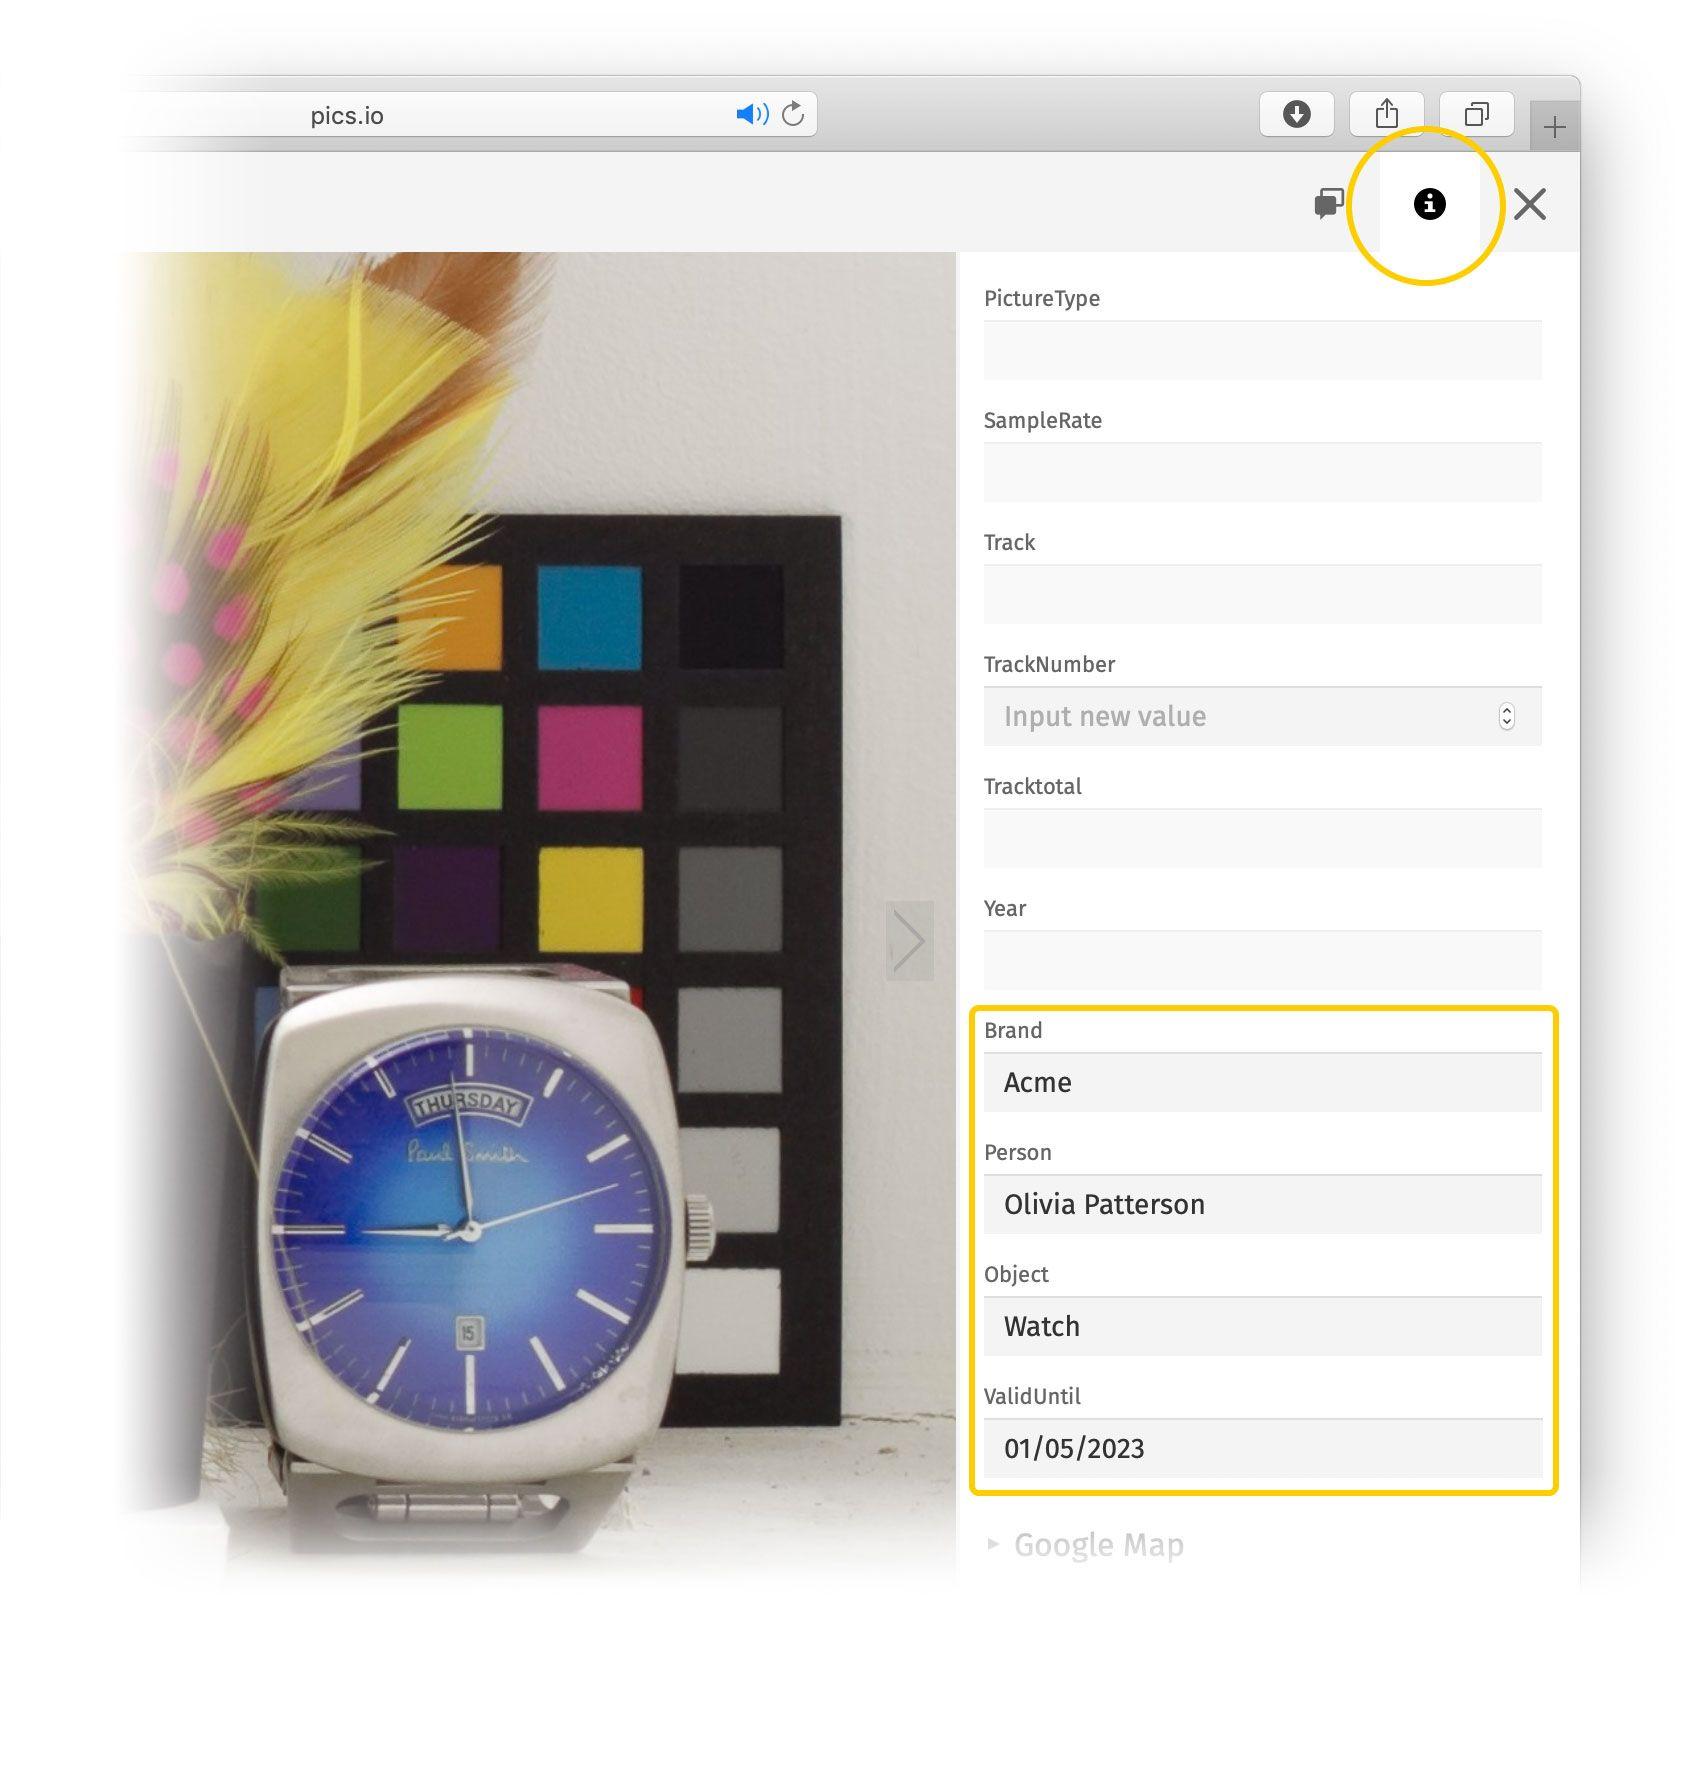 EXIF metadata in Pics.io